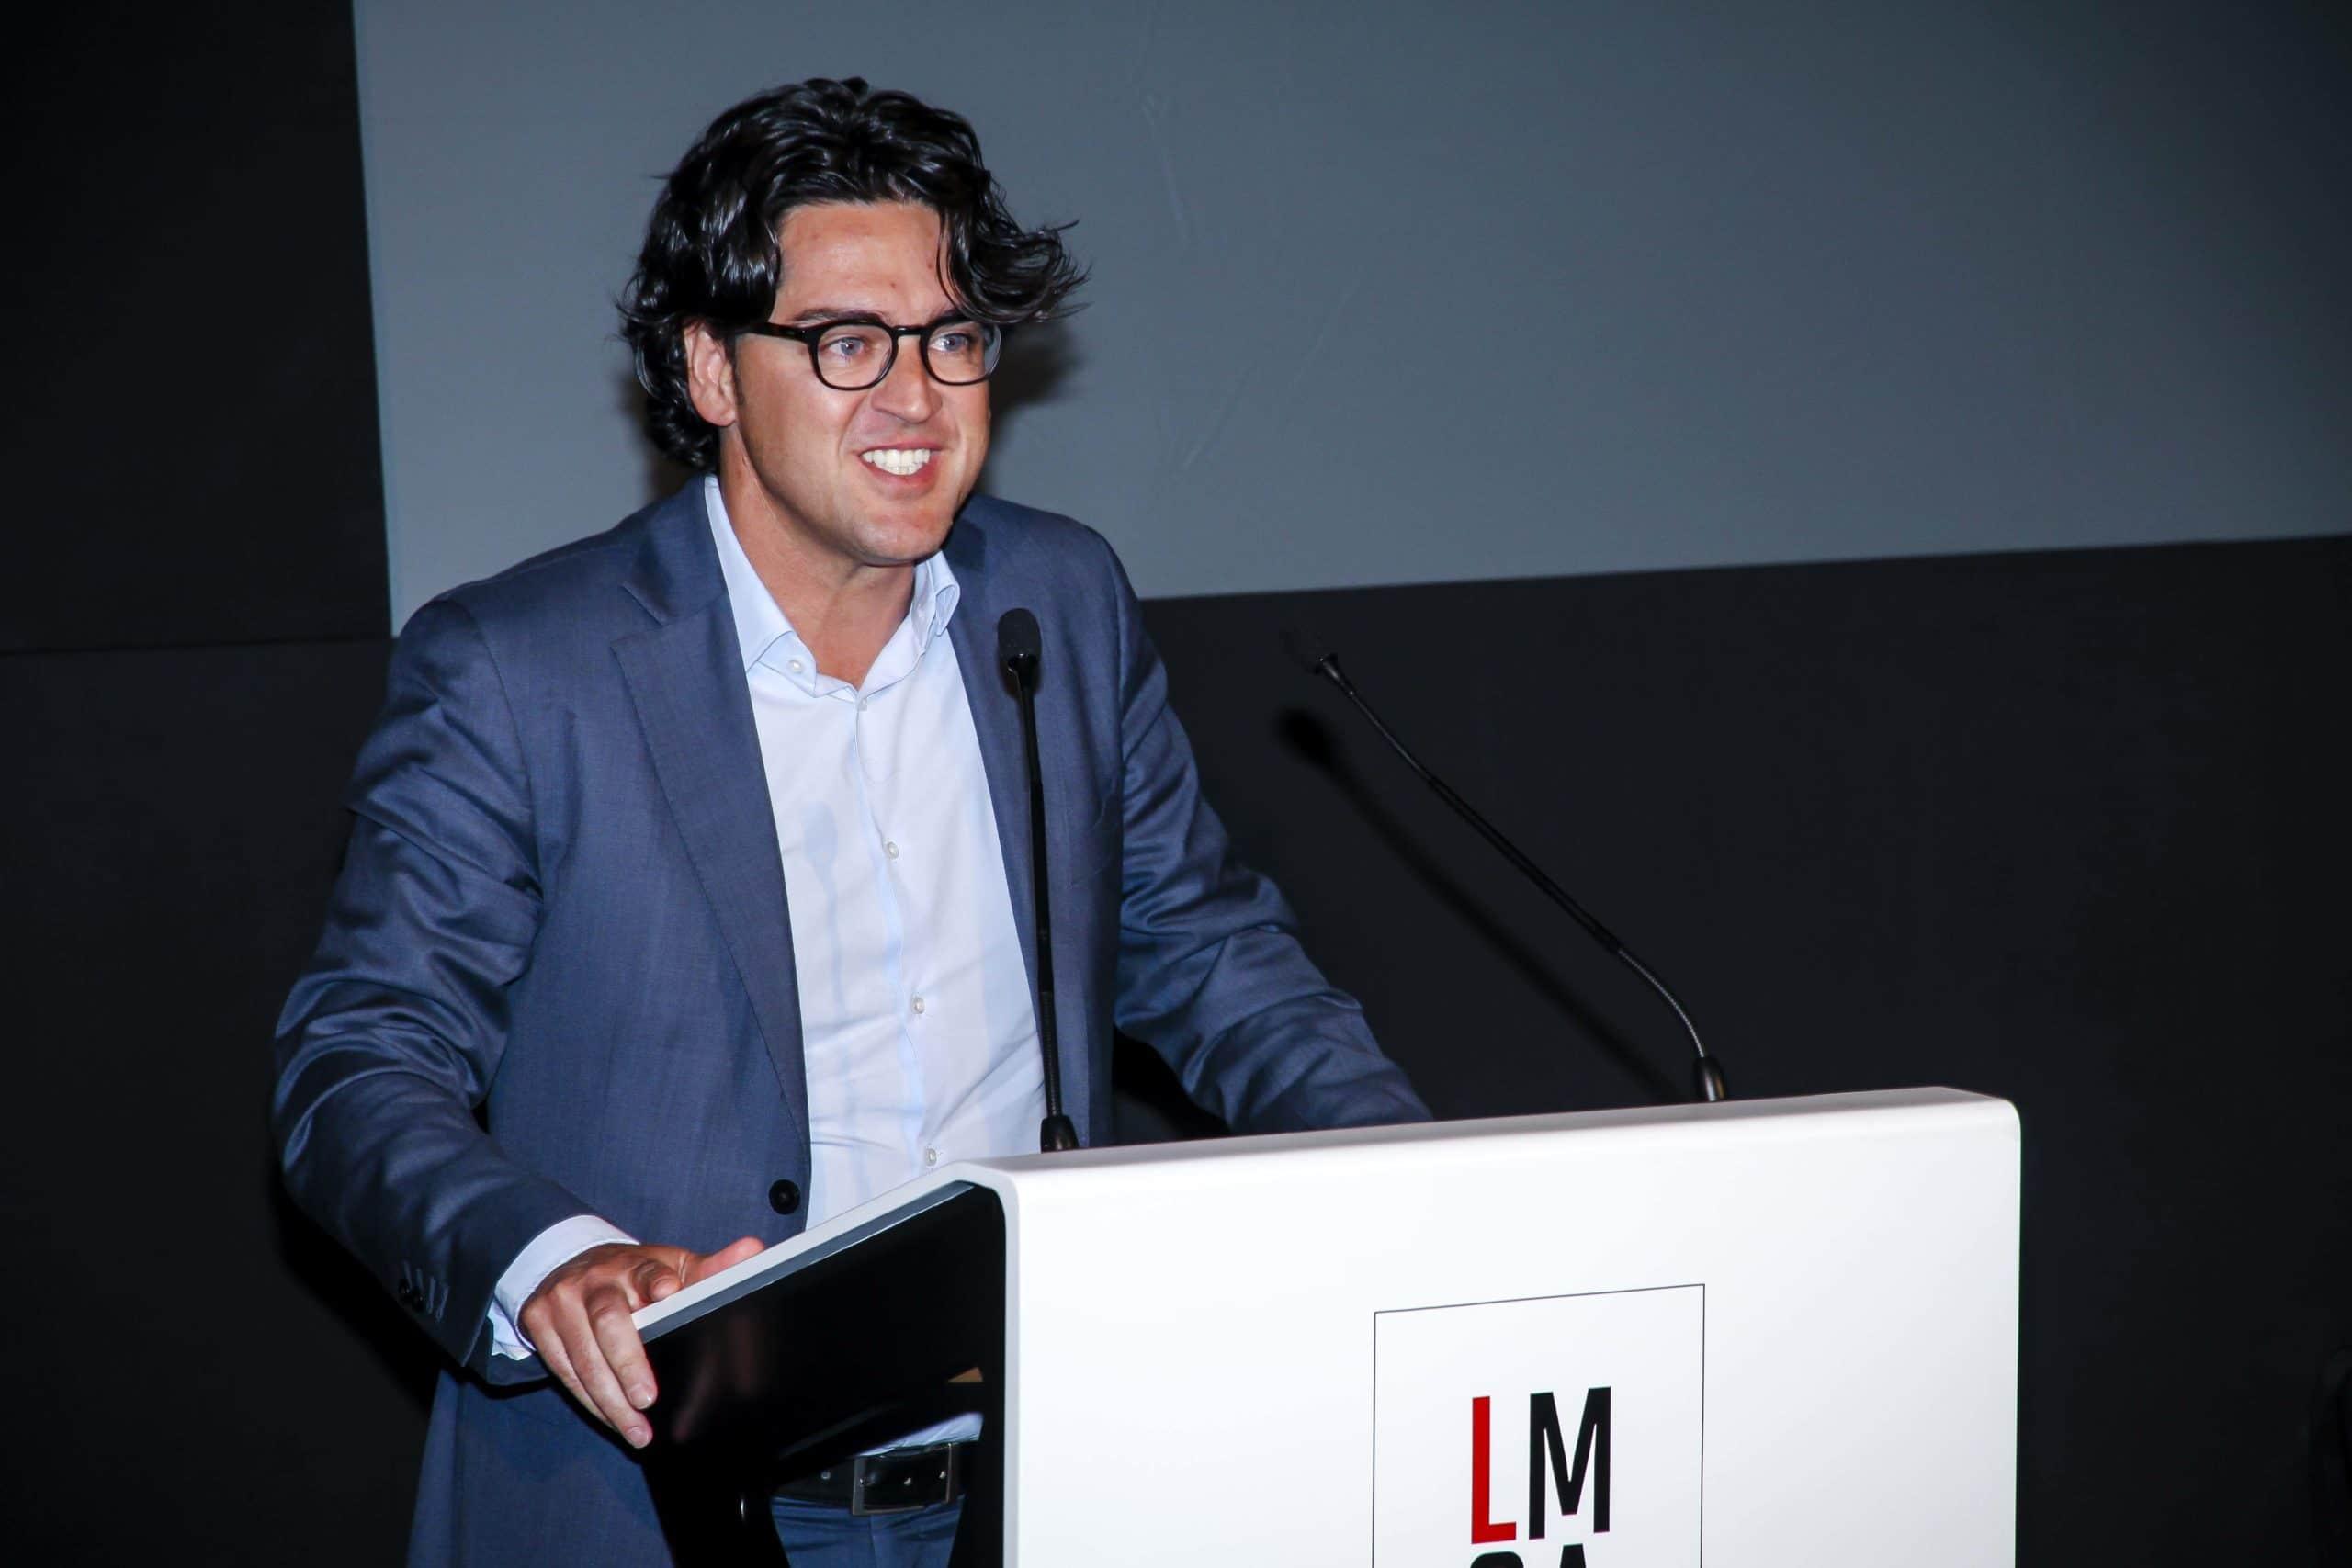 Álvaro Écija, socio director de Ecix Group, fue galardonado con el Legal Marcom a la mejor comunicación digital en Banda 2. Confilegal.